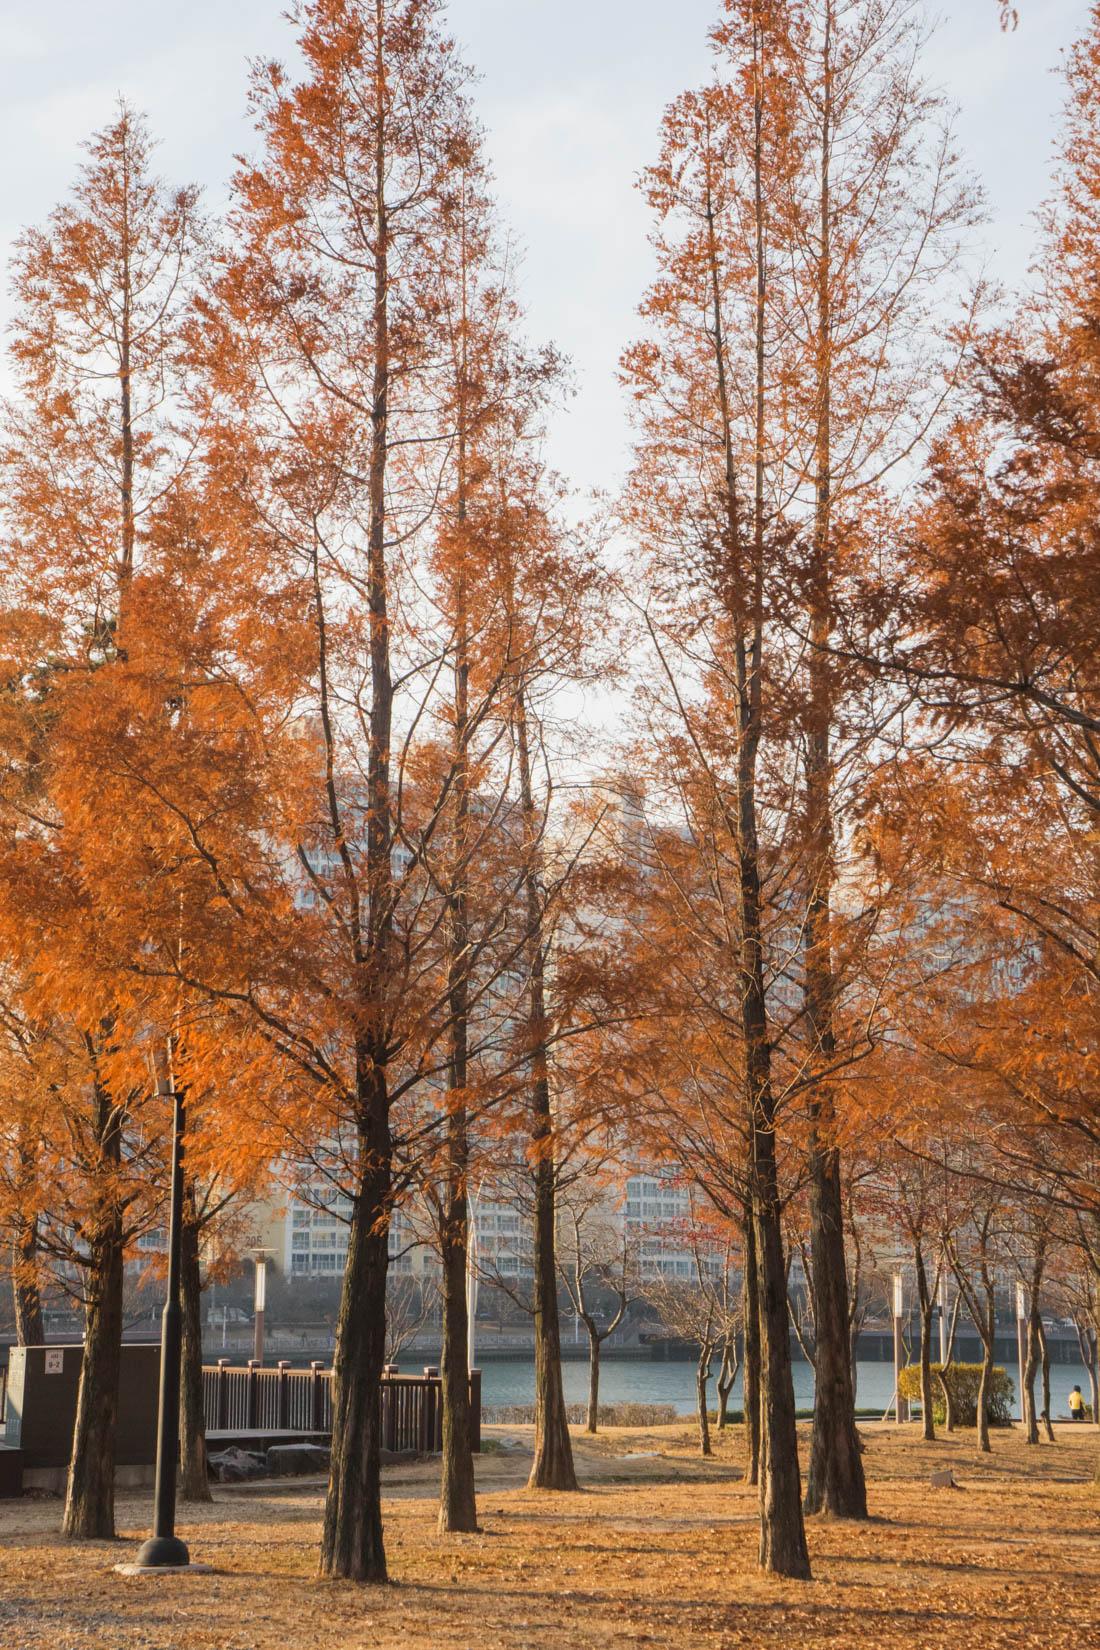 Shinsegae Centum City autumn in busan korea